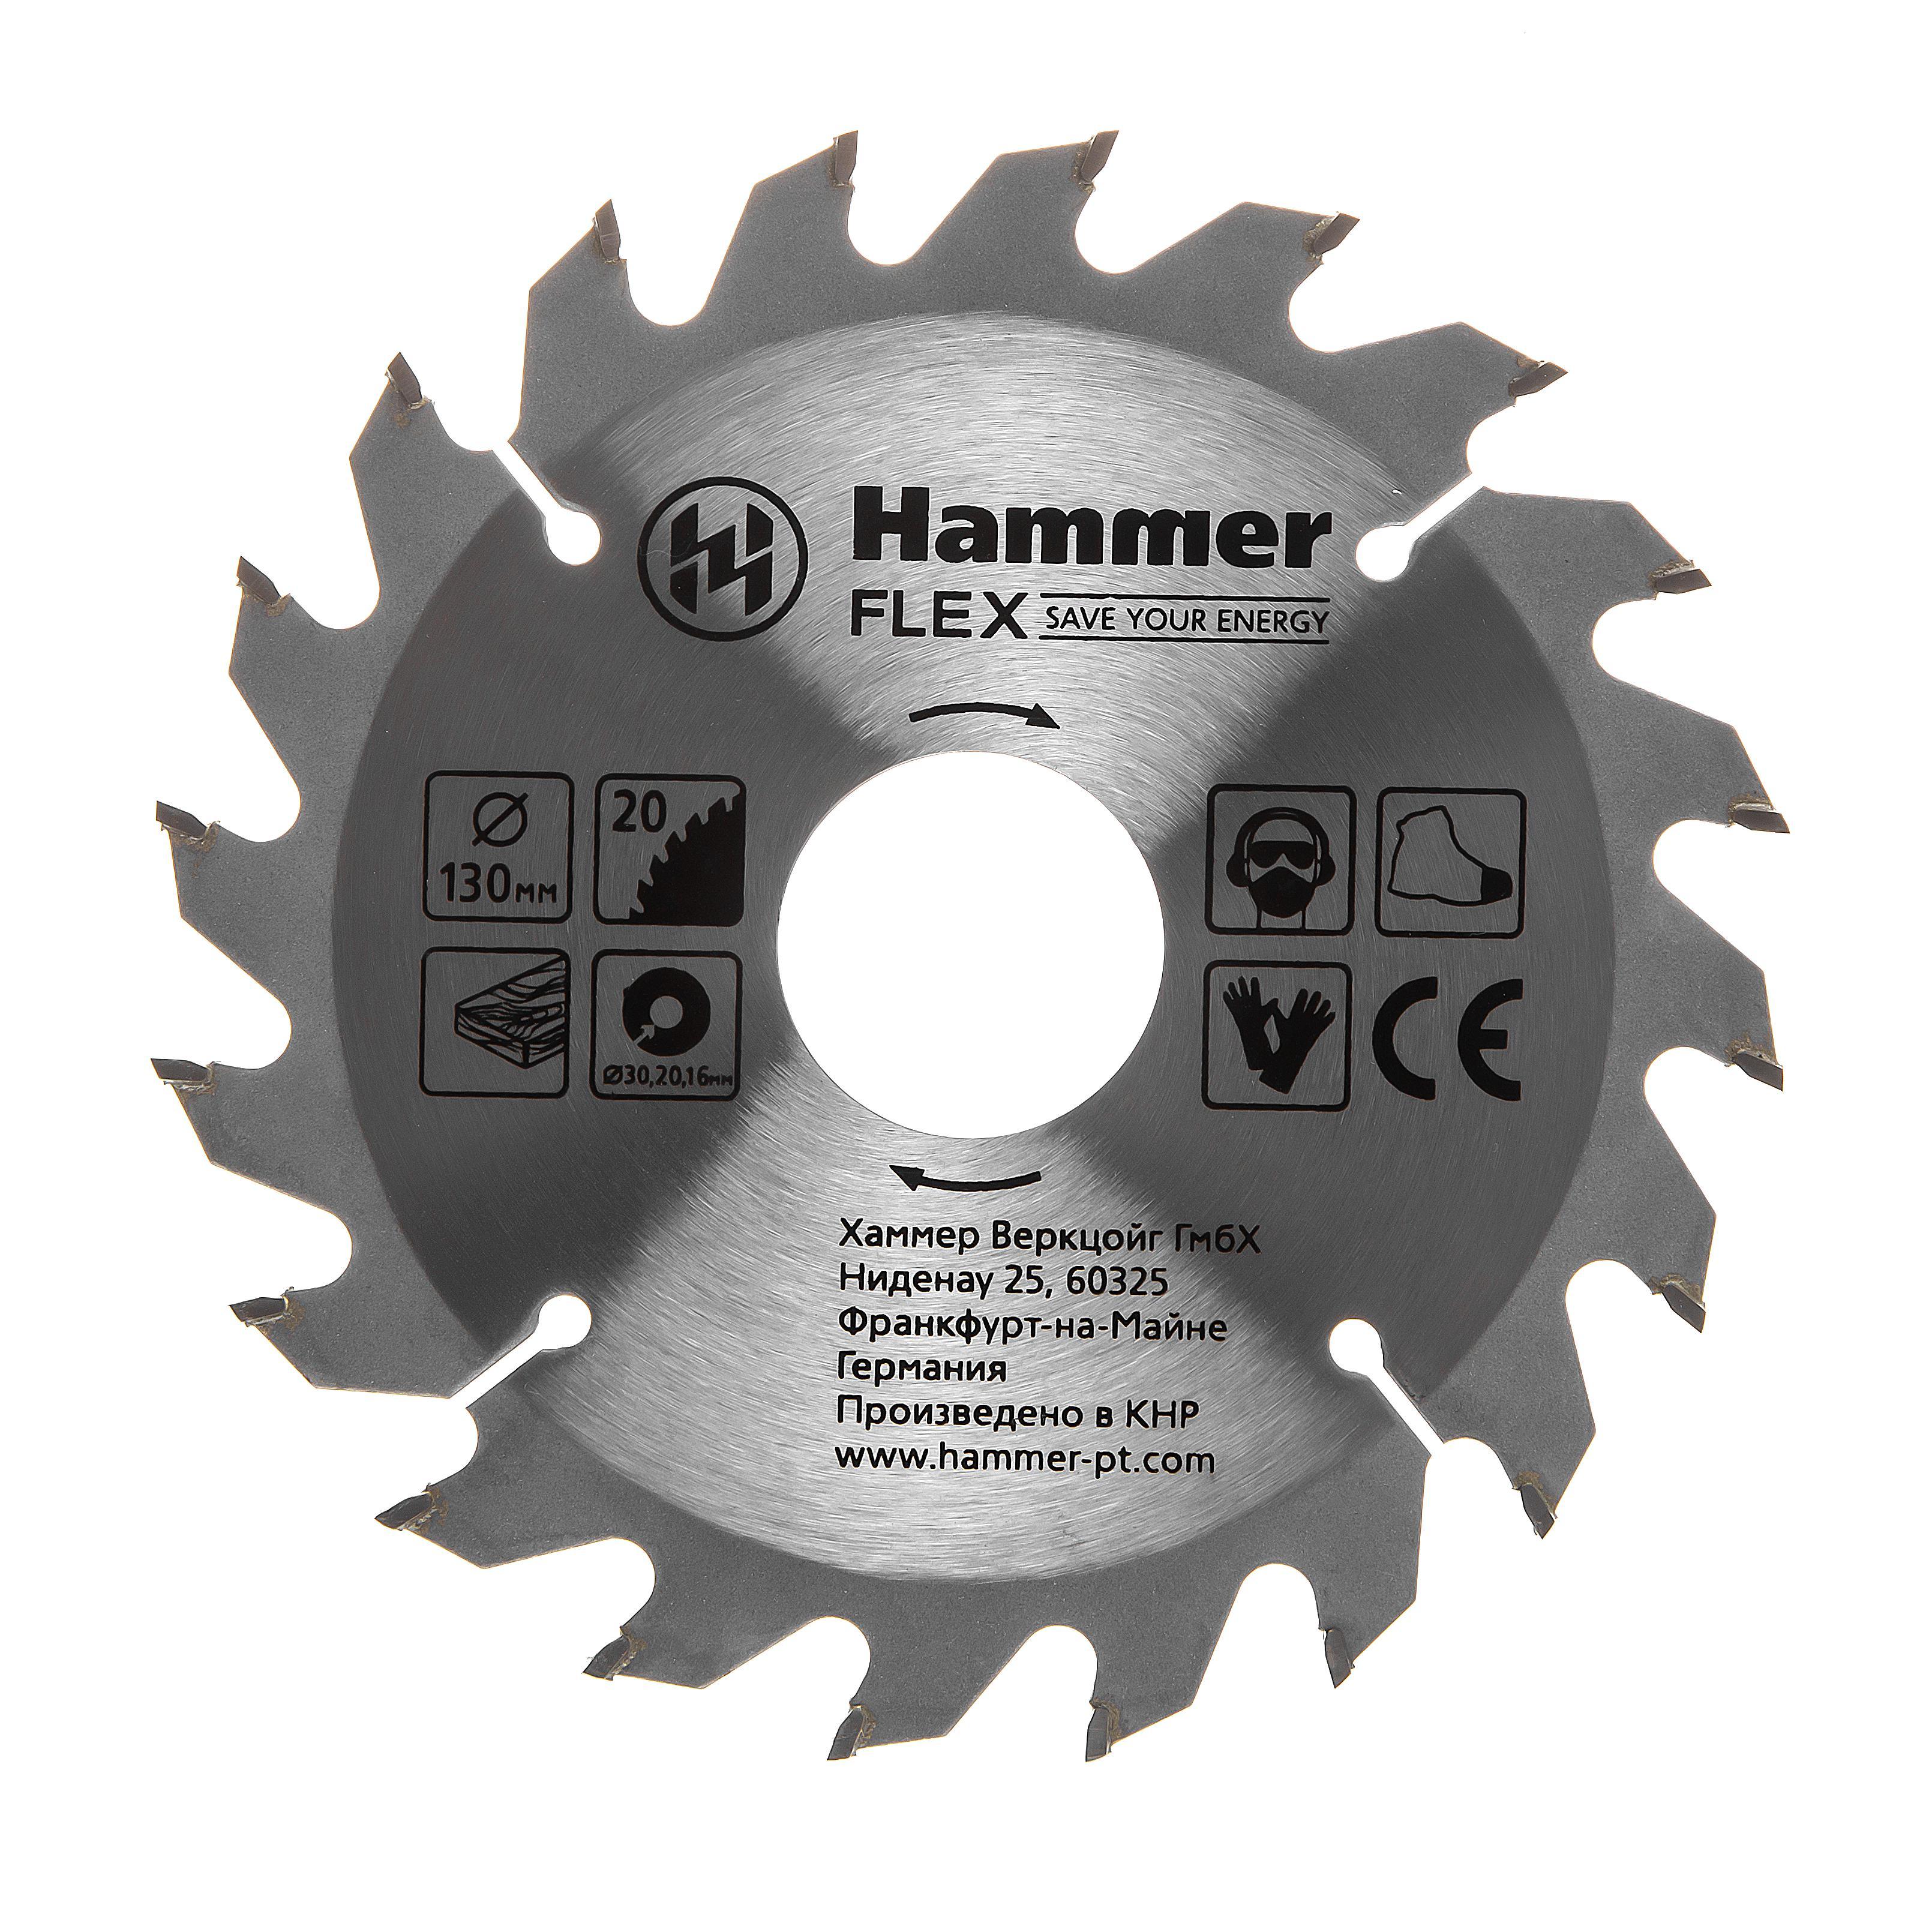 Диск пильный твердосплавный Hammer 130х20/16мм 20 зуб. диск пильный твердосплавный hammer 335х32 30мм 64 зуб